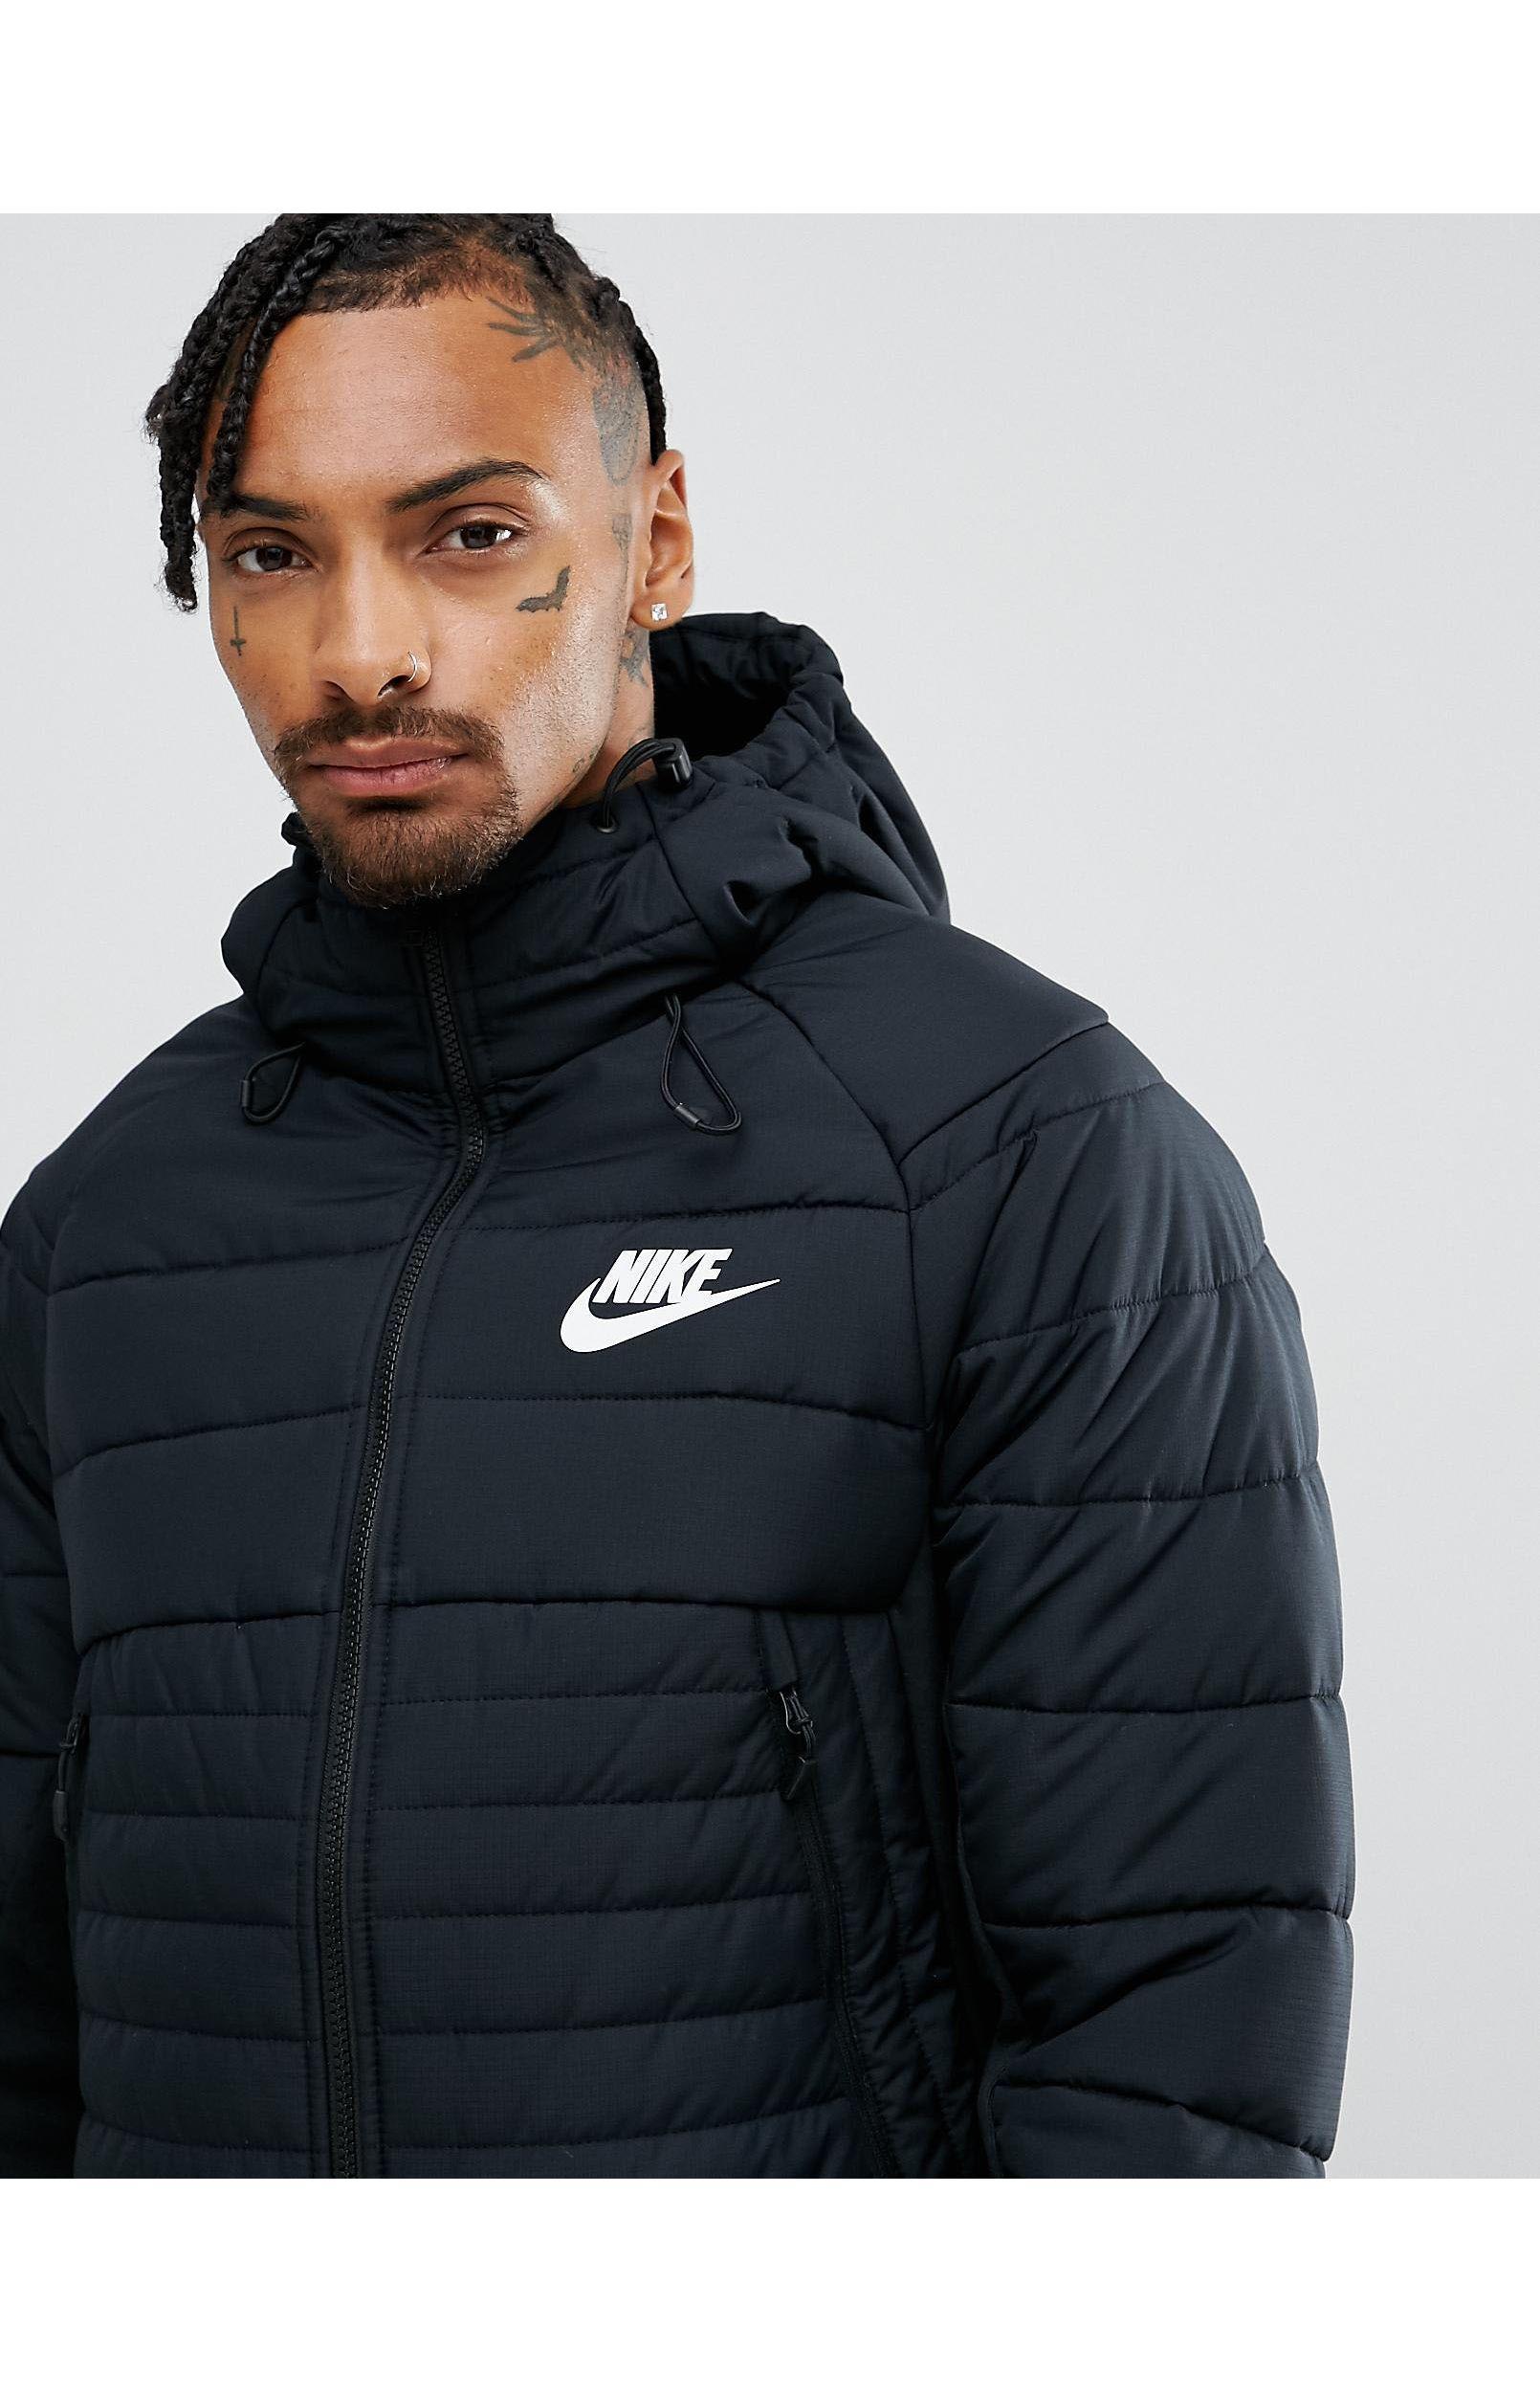 alias Serafín llamar  Nike Synthetic Av15 Padded Jacket With Hood in Black for Men - Lyst